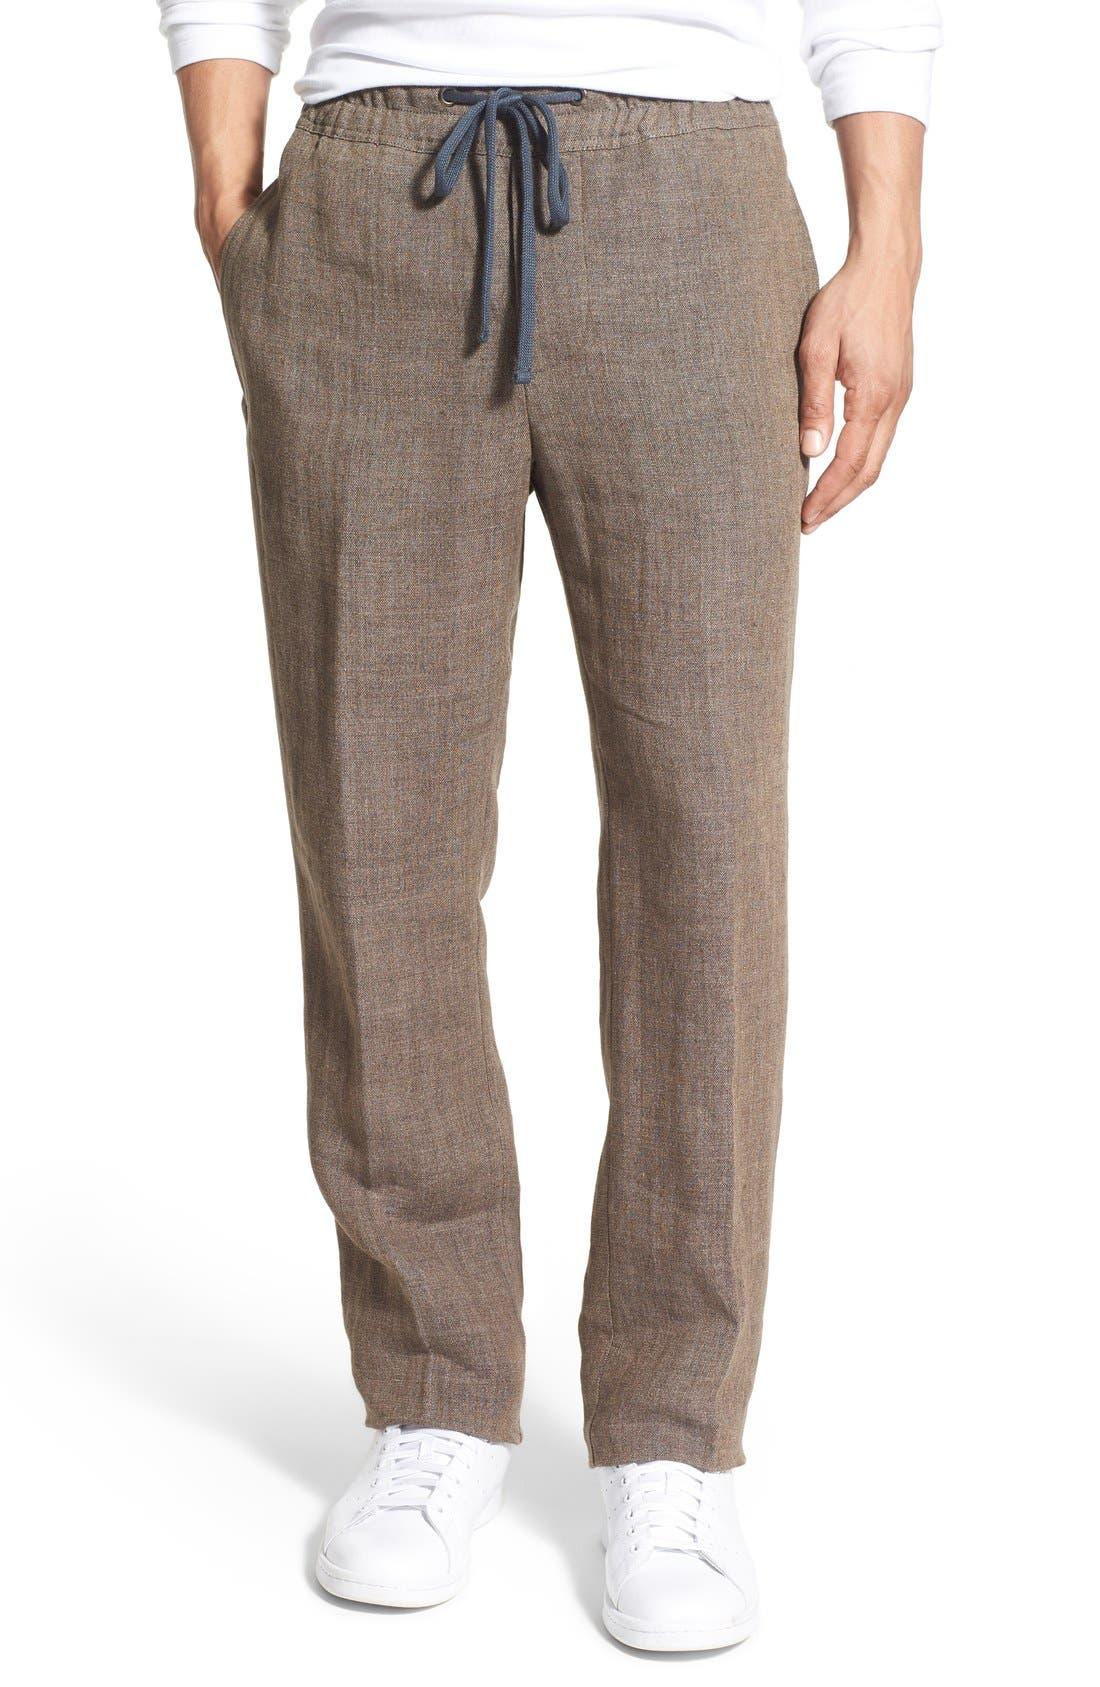 'Delave' Drawstring Linen Pants,                         Main,                         color, 207